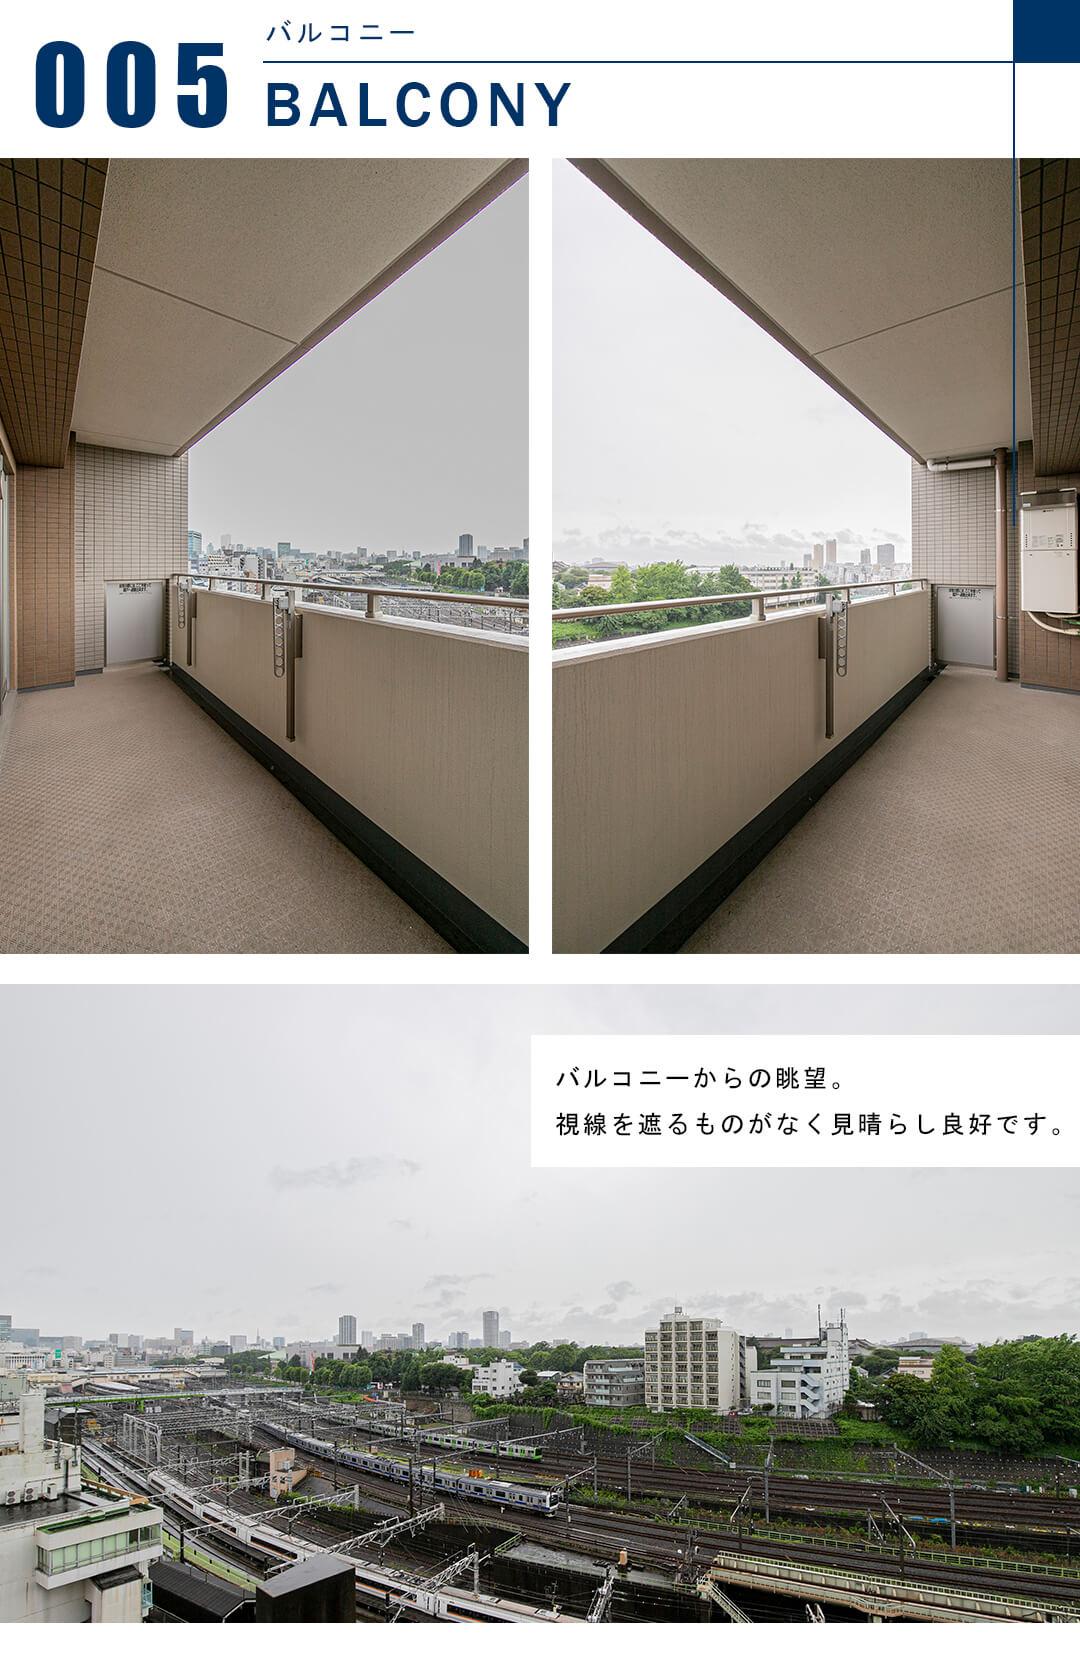 クレストフォルム上野の杜のバルコニー